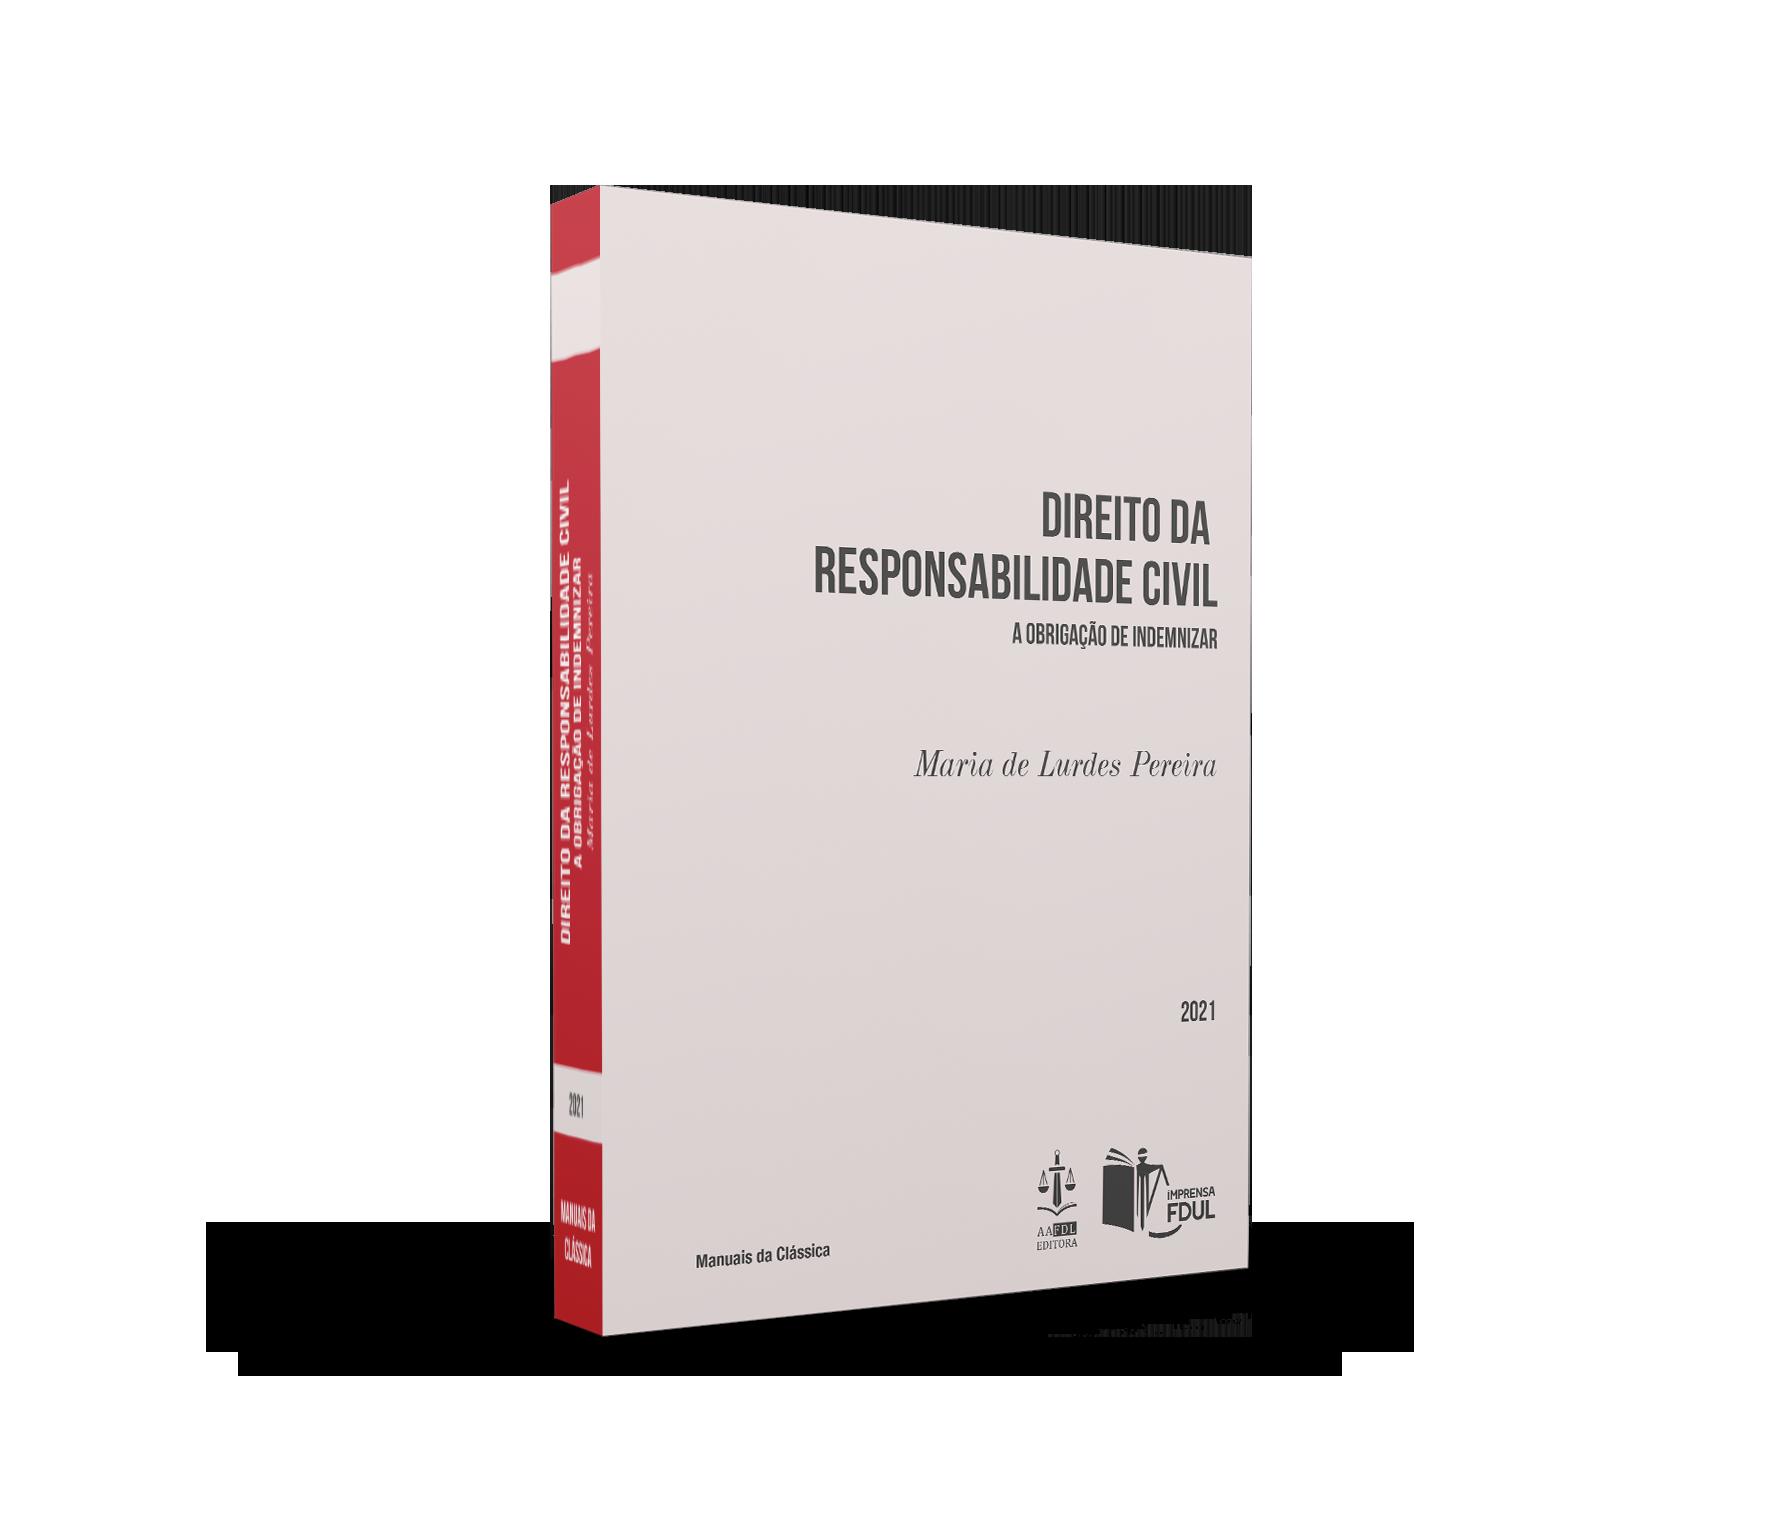 DIREITO DA RESPONSABILIDADE CIVIL - A OBRIGAÇÃO DE INDEMNIZAR